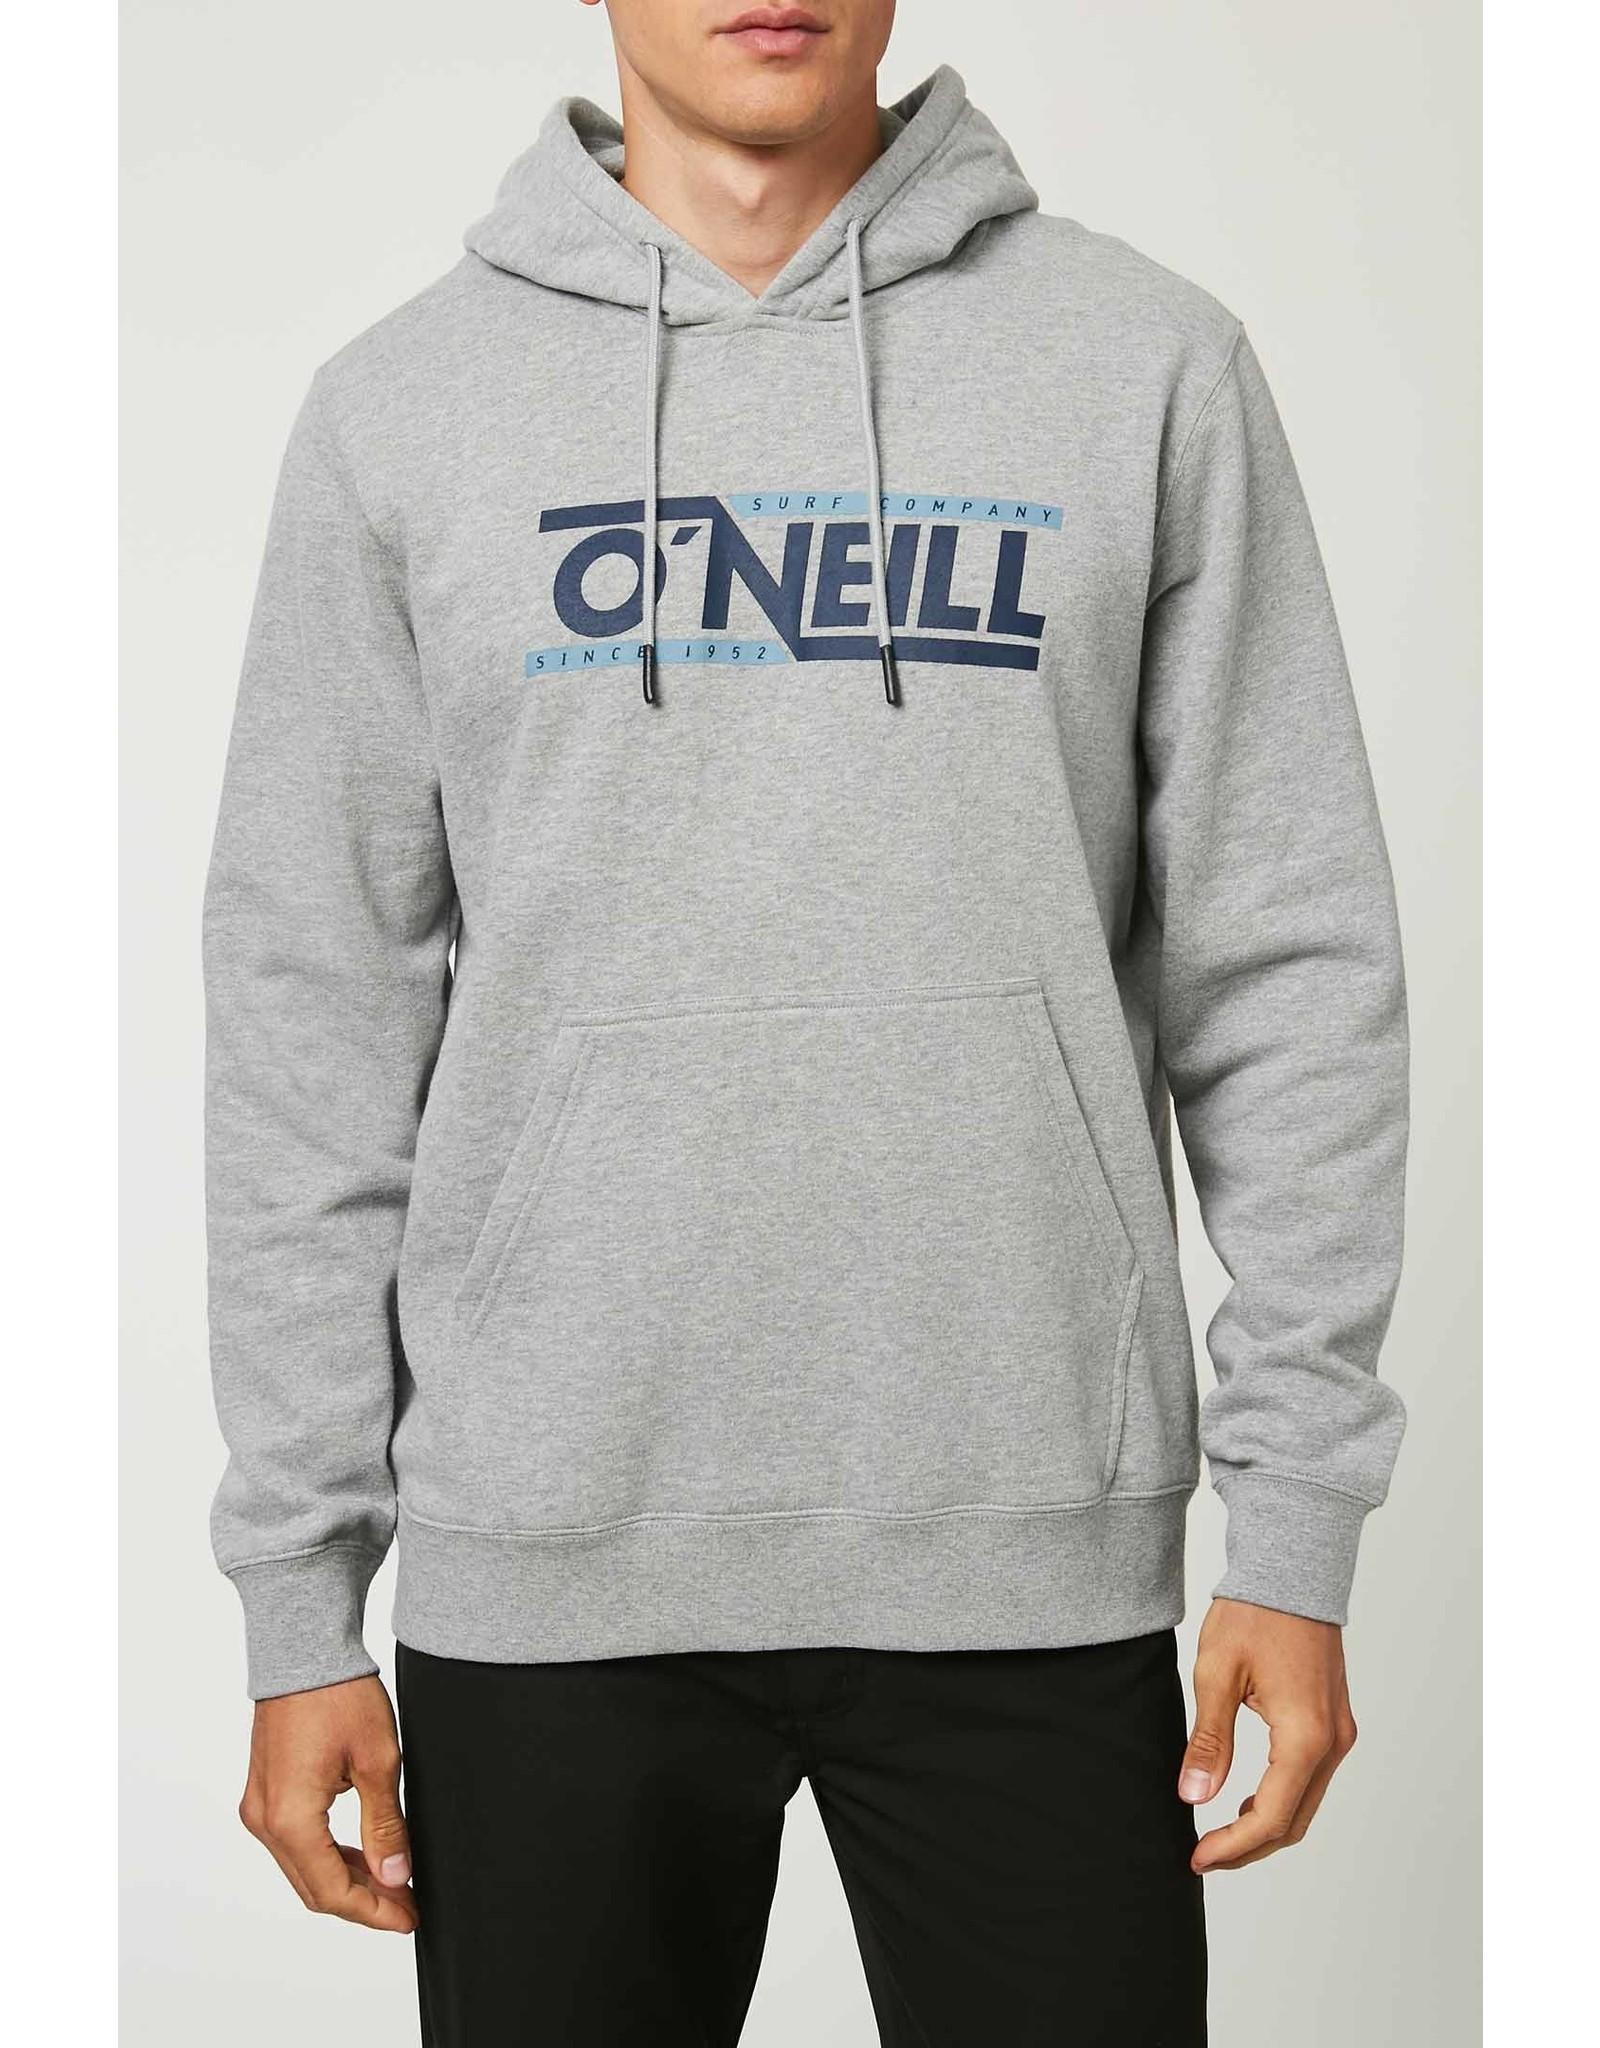 O'Neill Converge Butter Fleece Pullover